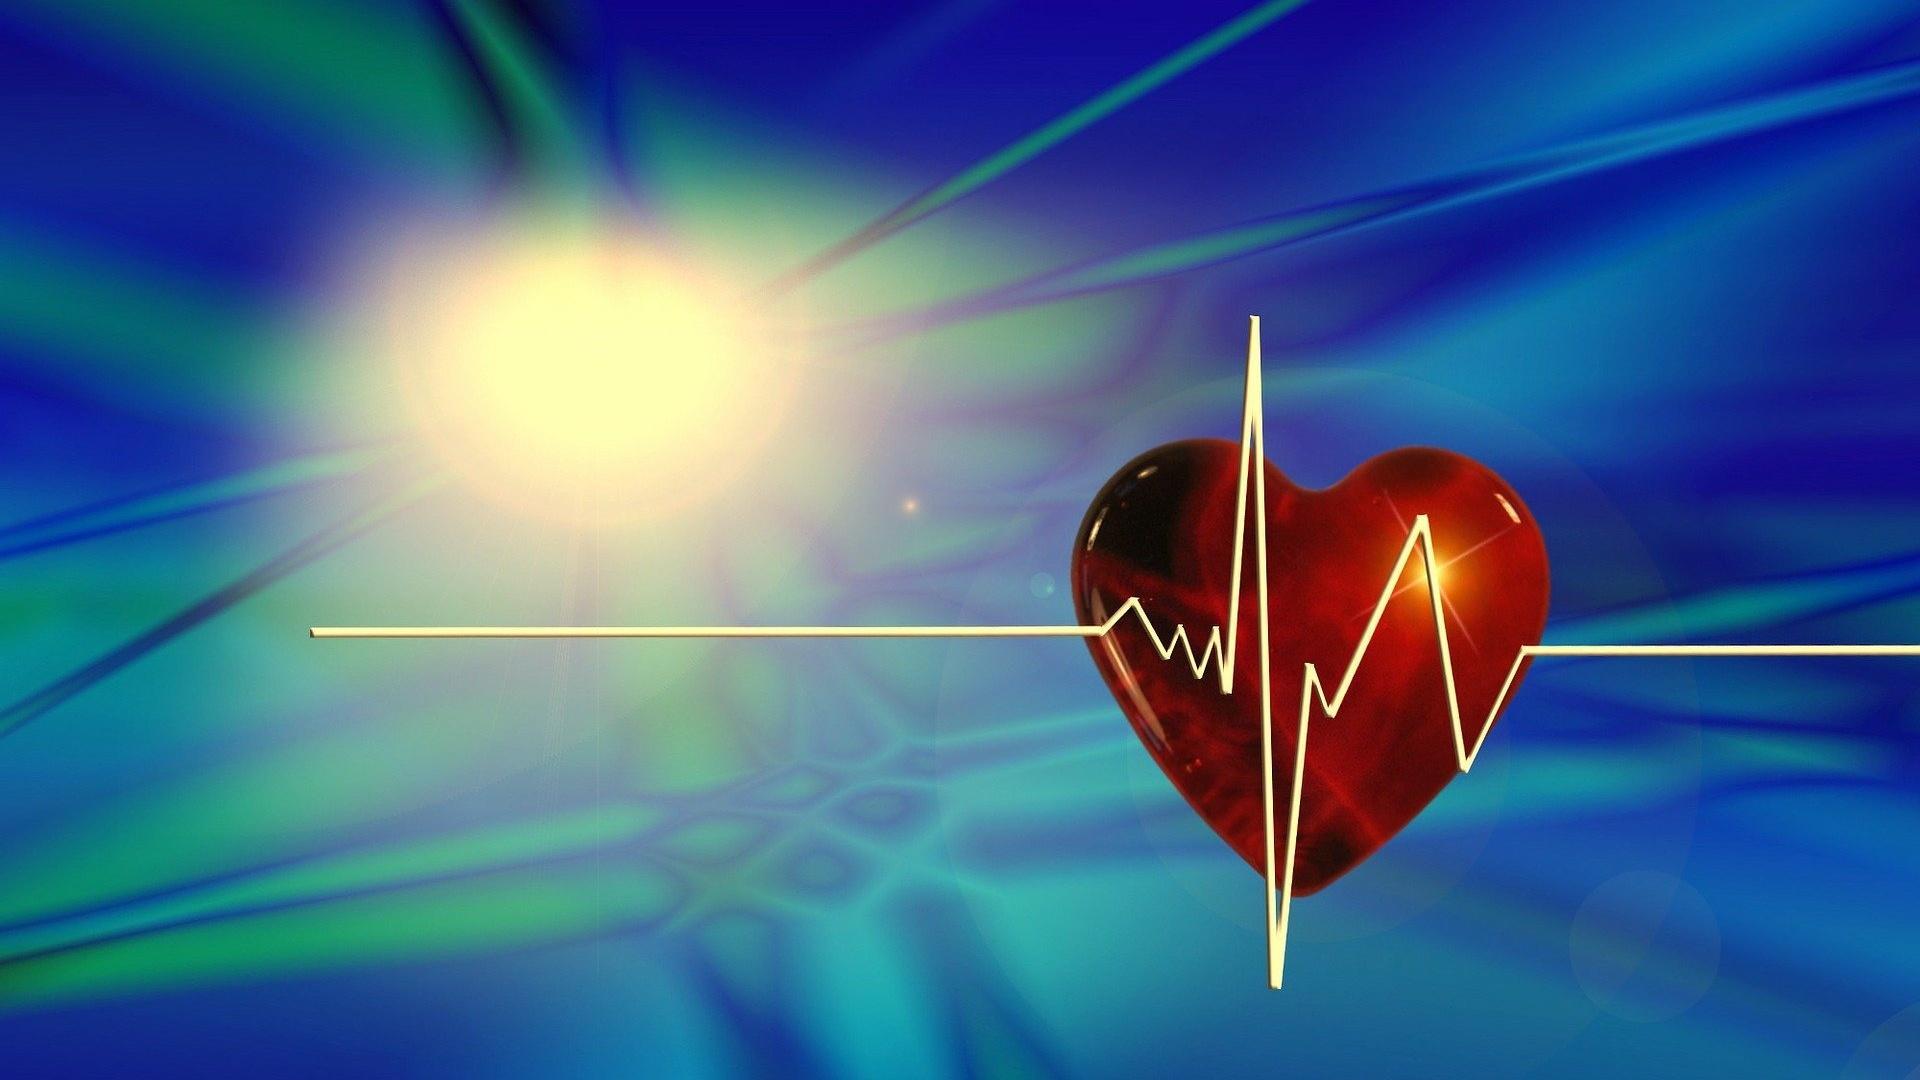 Ein Herzinfarkt kann durch Stress ausgelöst werden.